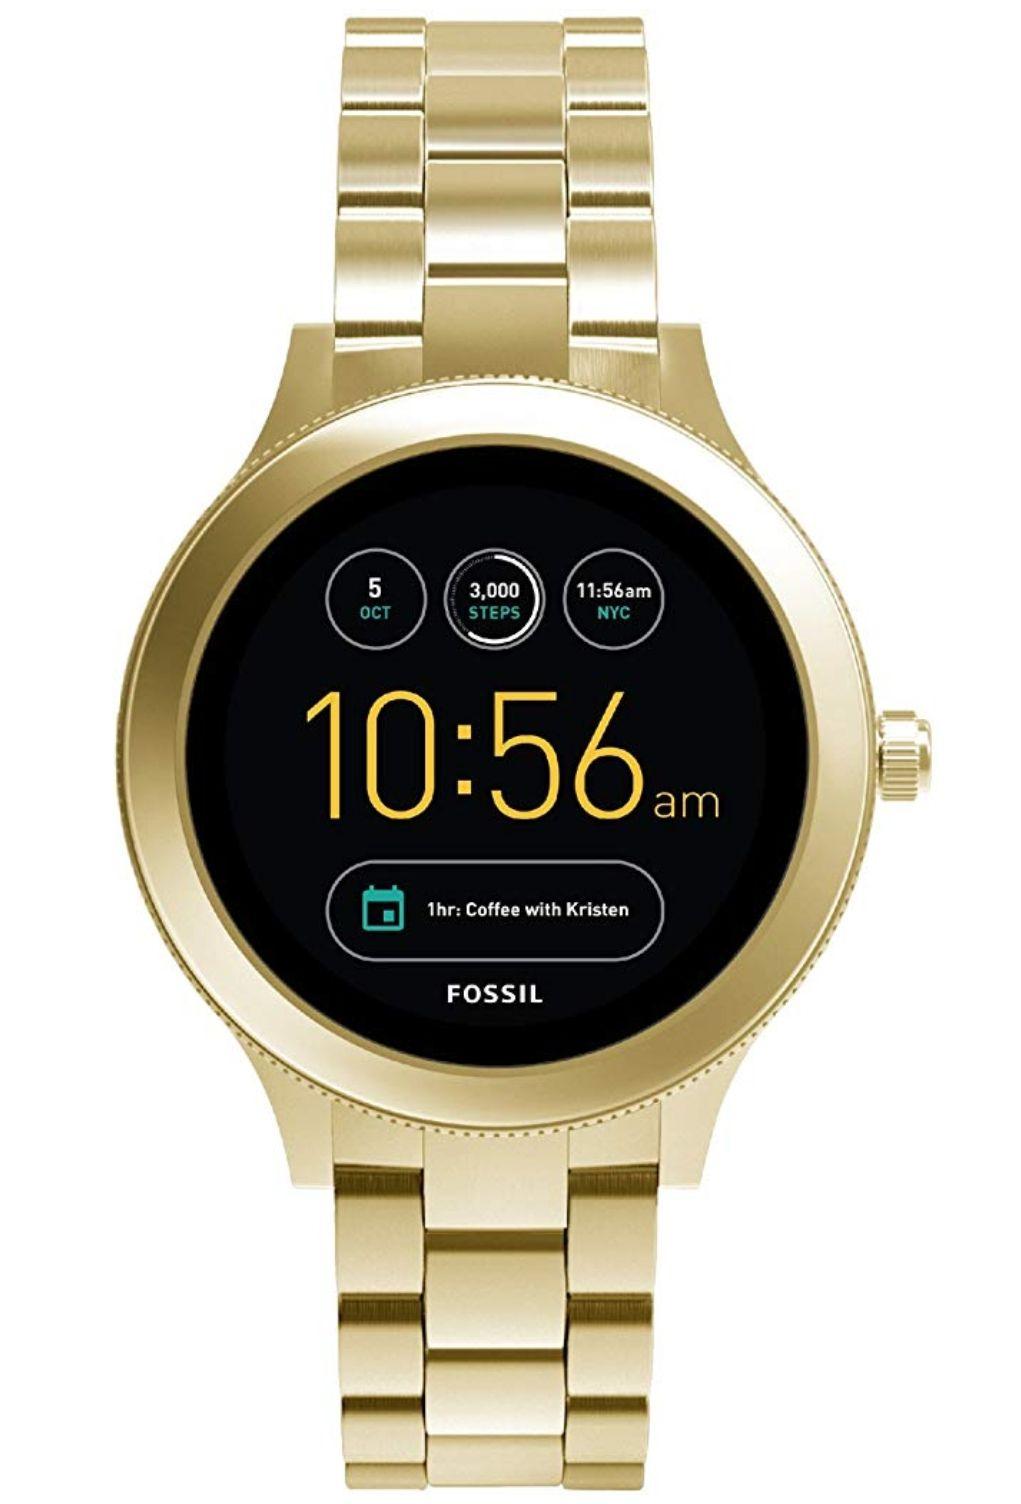 Montre connectée unisexe Fossil en acier inoxydable doré - 3ème génération, Compatible  Android et IOS